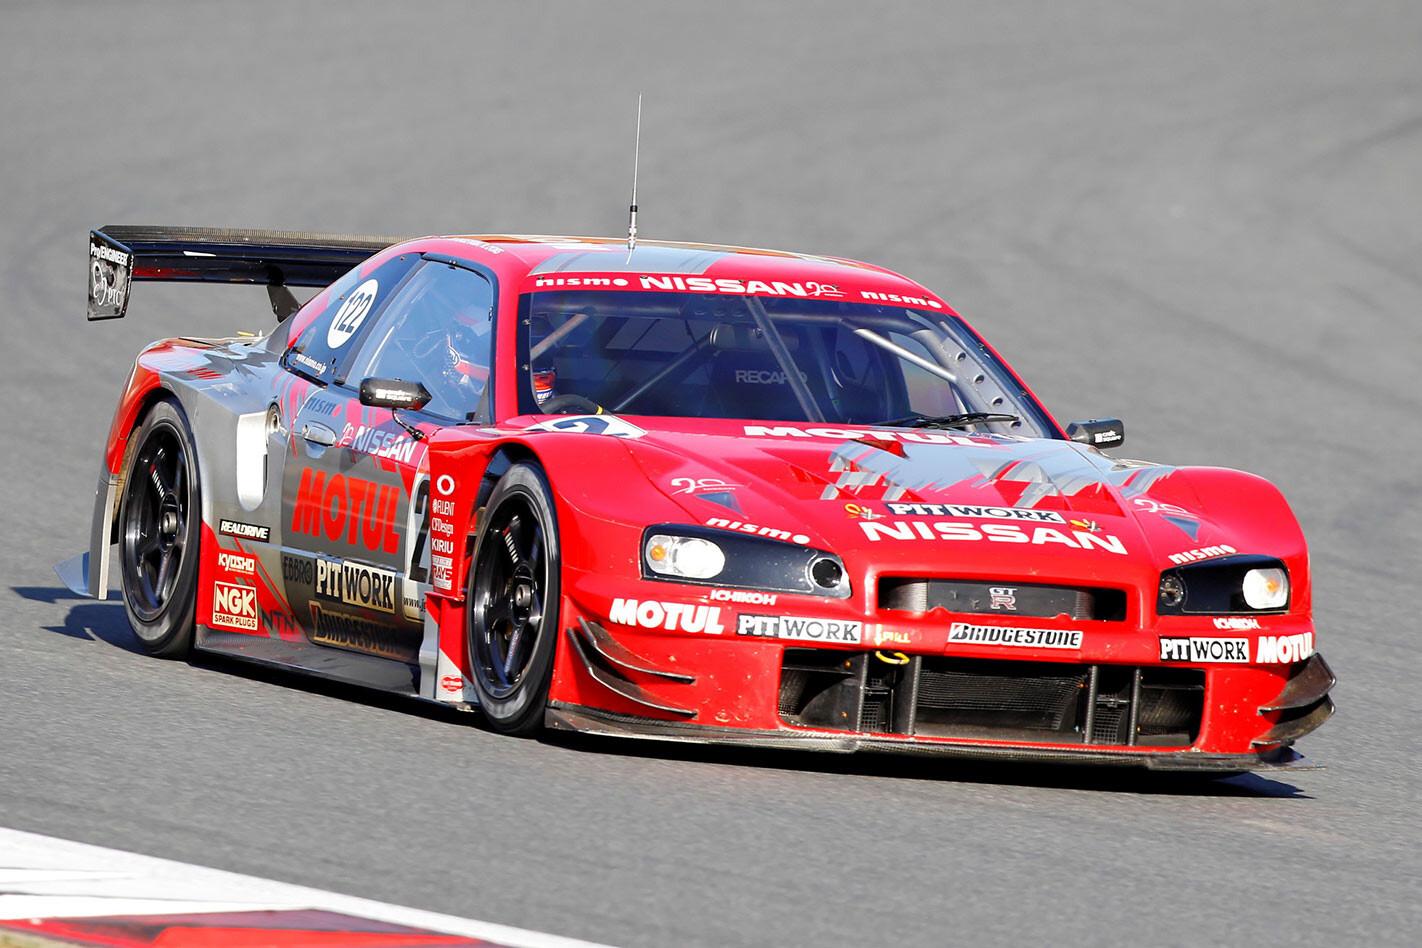 Nissan Skyline GT-R race car